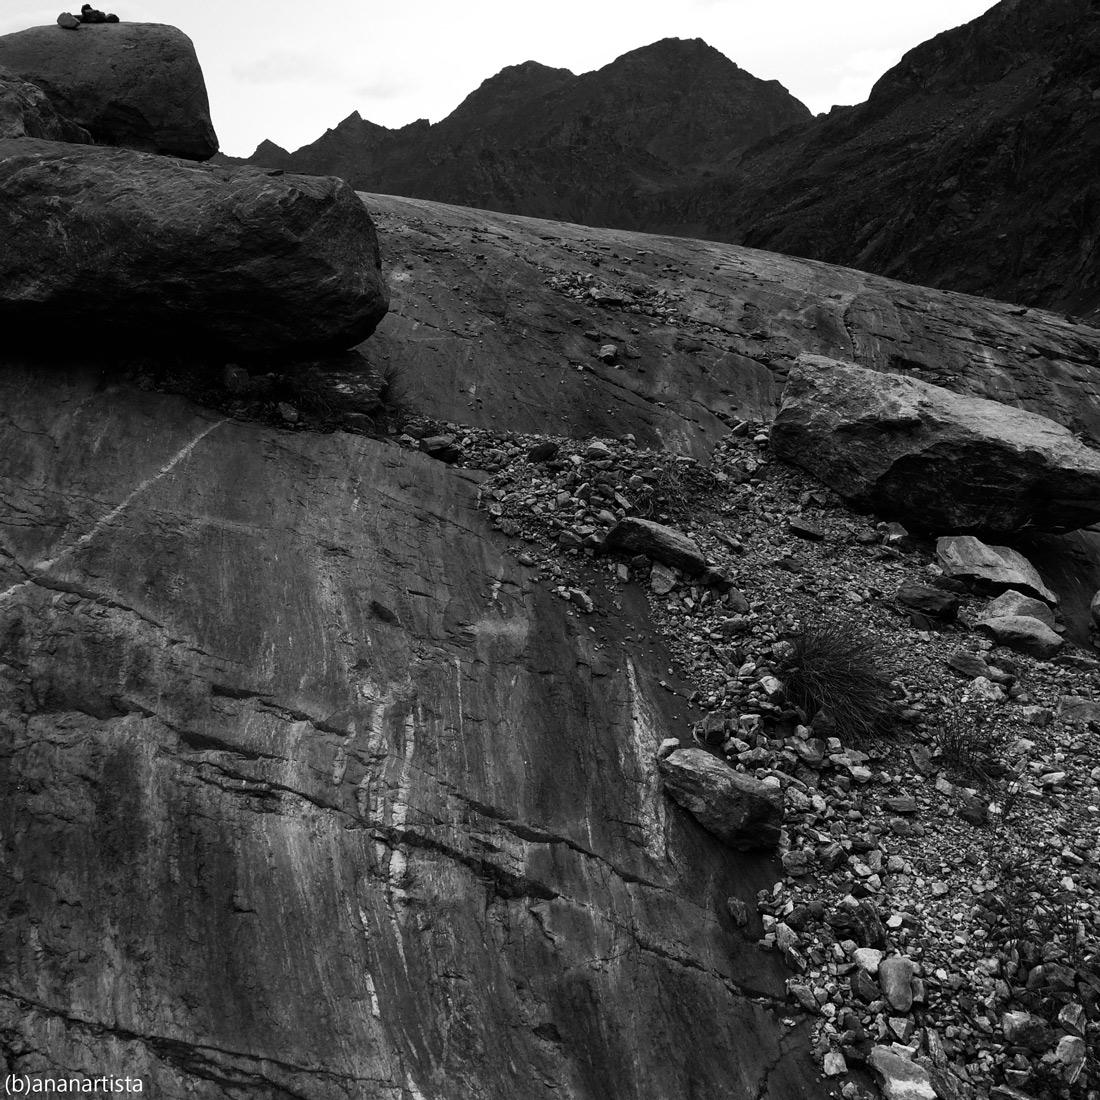 logogrifo Gaia: paesaggio alpino in bianco e nero di (b)ananartista sbuff